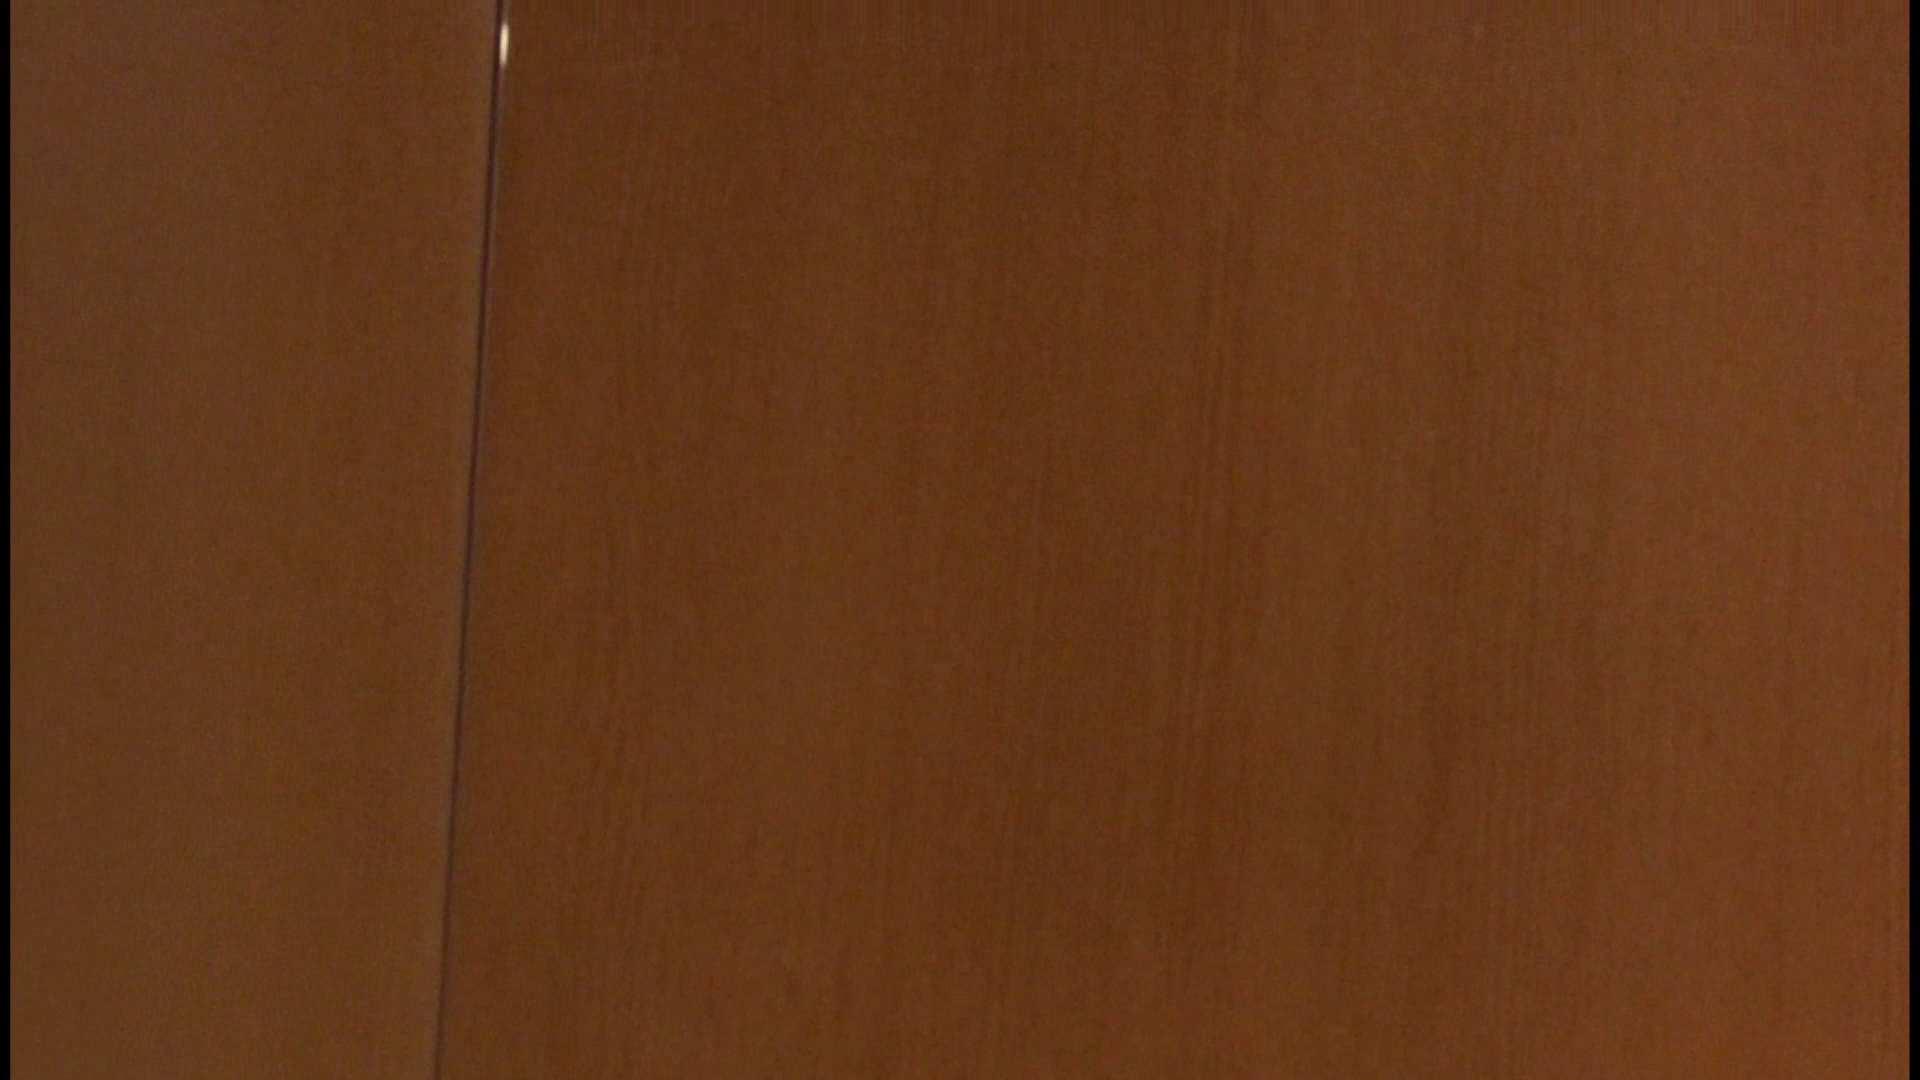 「噂」の国の厠観察日記2 Vol.08 厠   人気シリーズ  80連発 67